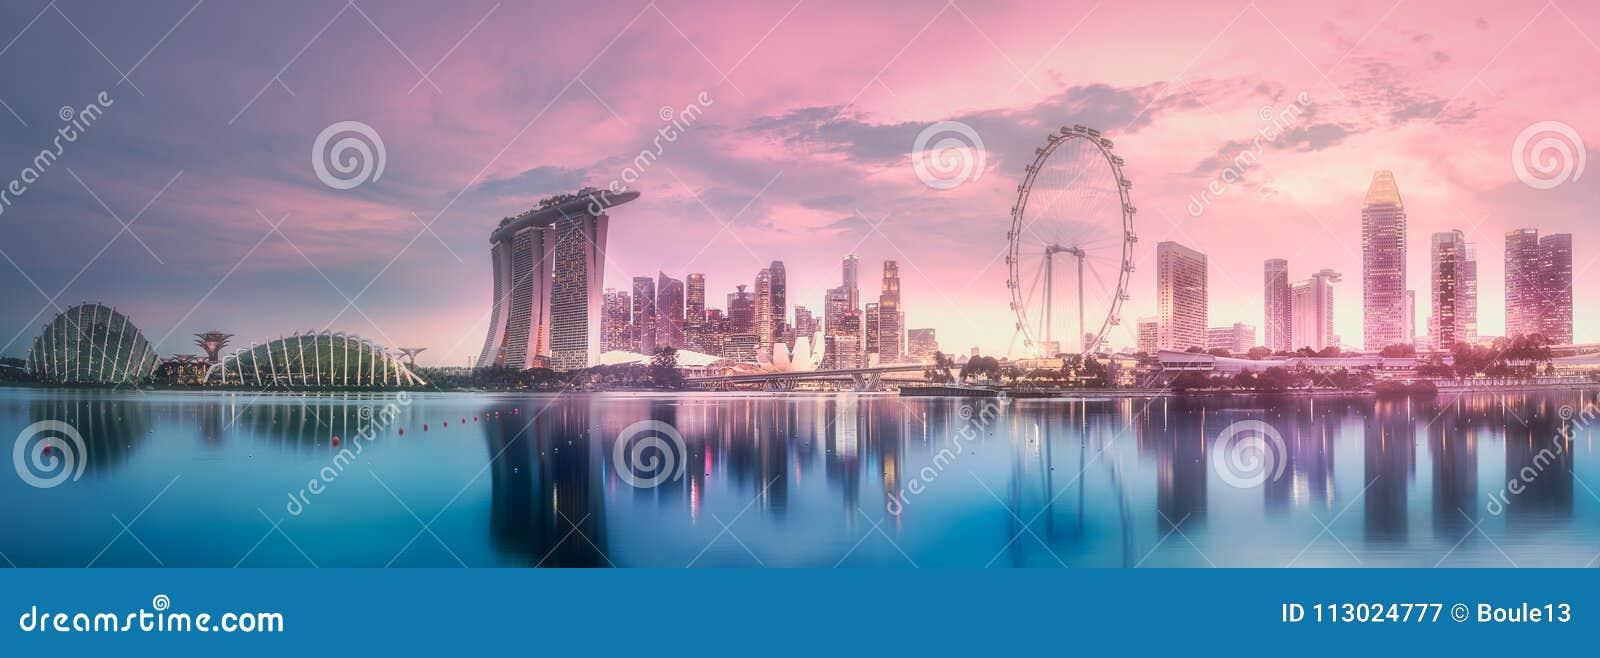 Purpurowy zmierzch Marina zatoki linia horyzontu, Singapur